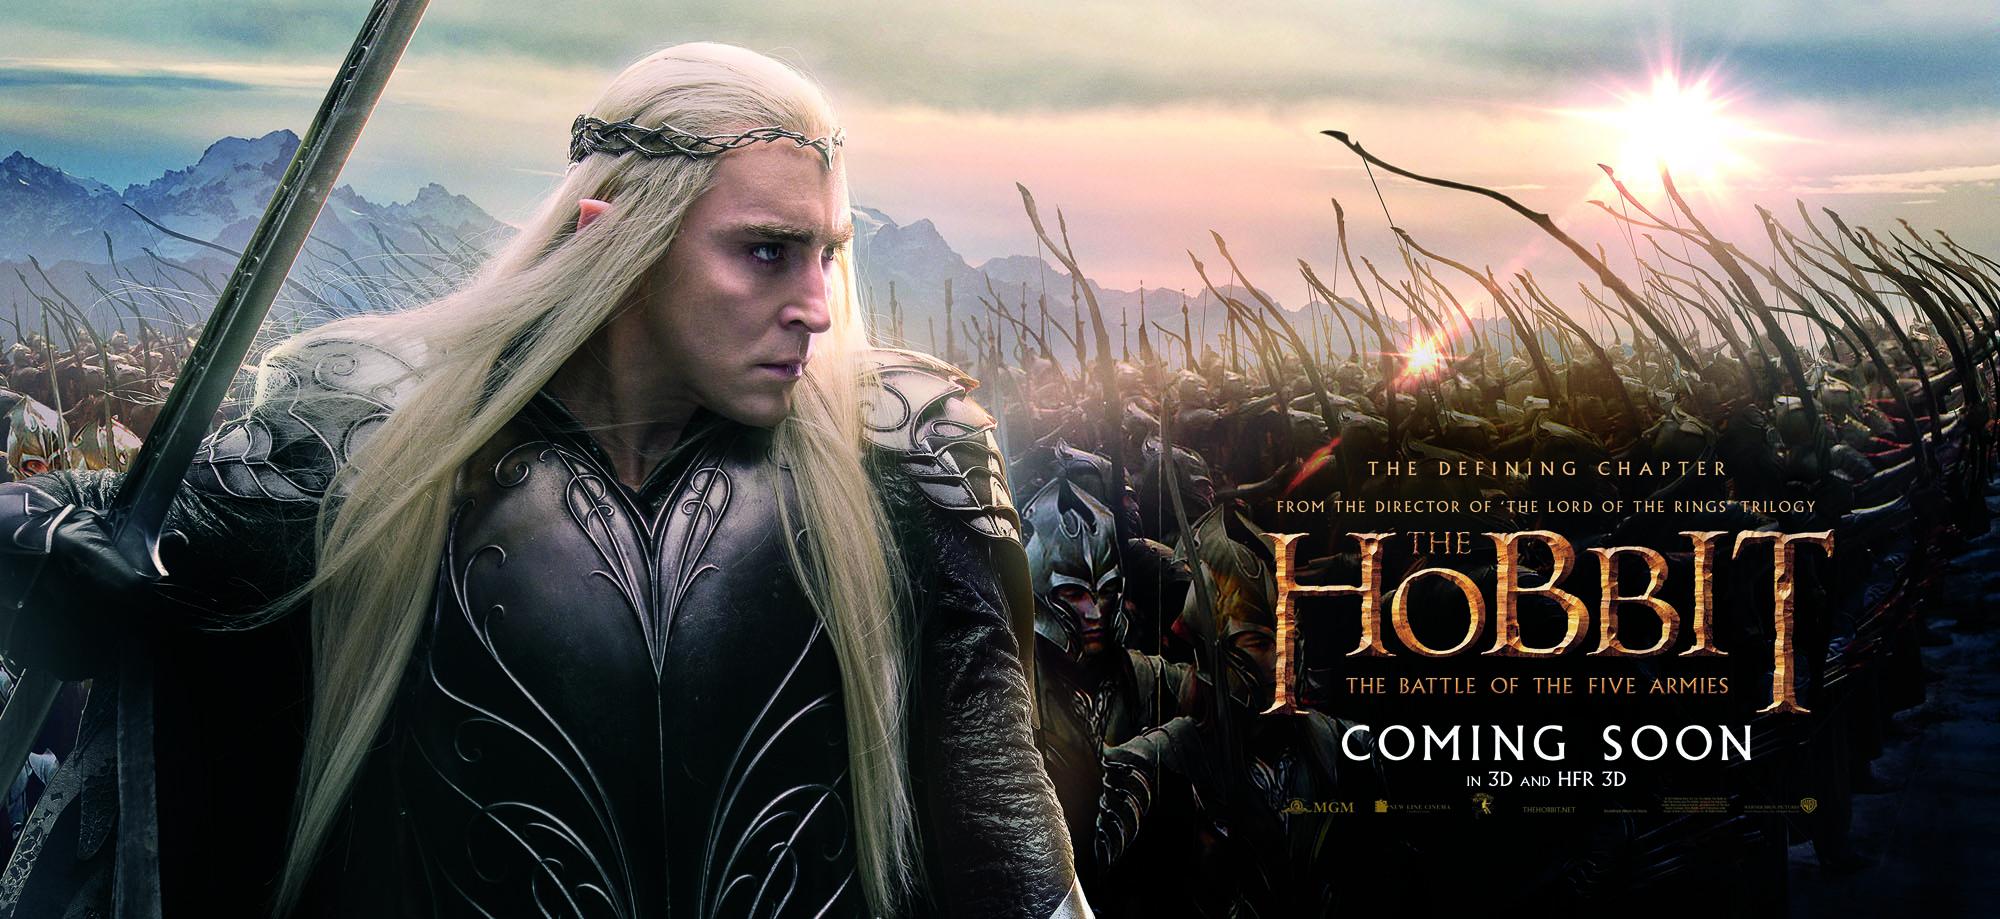 Le Seigneur des Anneaux / The Hobbit #3 HBOFA_Bus_ThandruilArmy_RGB_INTL